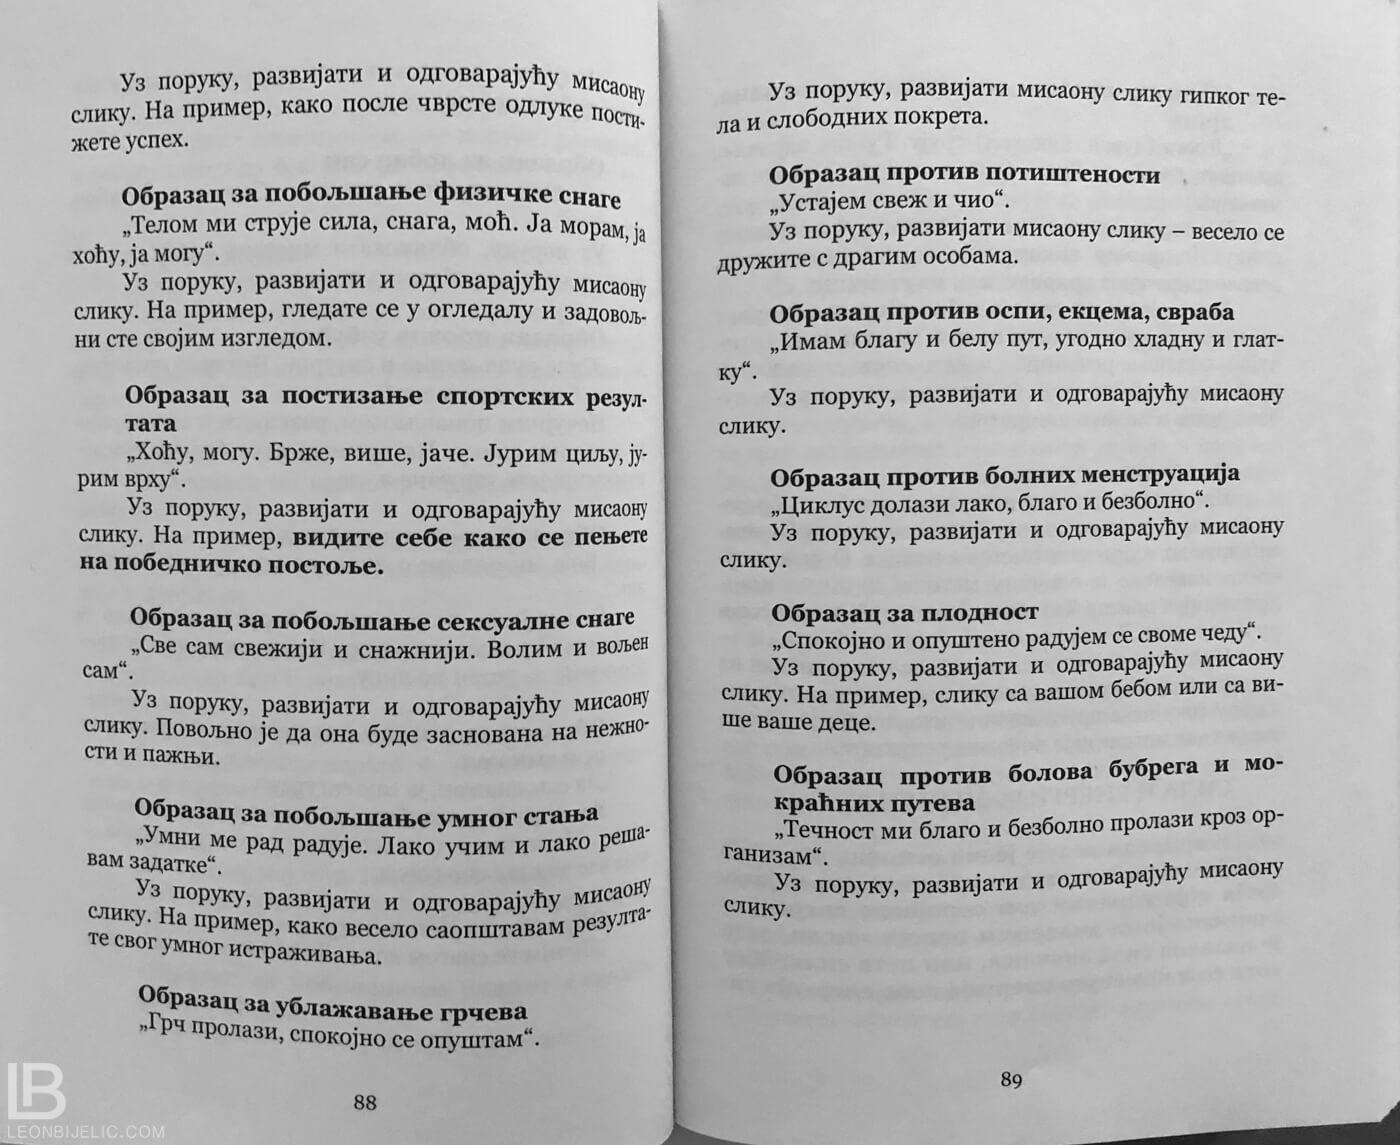 Citati iz knjige - Moć je u mislima - Spasoje Vlajić - Psihologija Uspeha - Ostvarivanje želja - Molitva - Obrazac za lečenje mislima